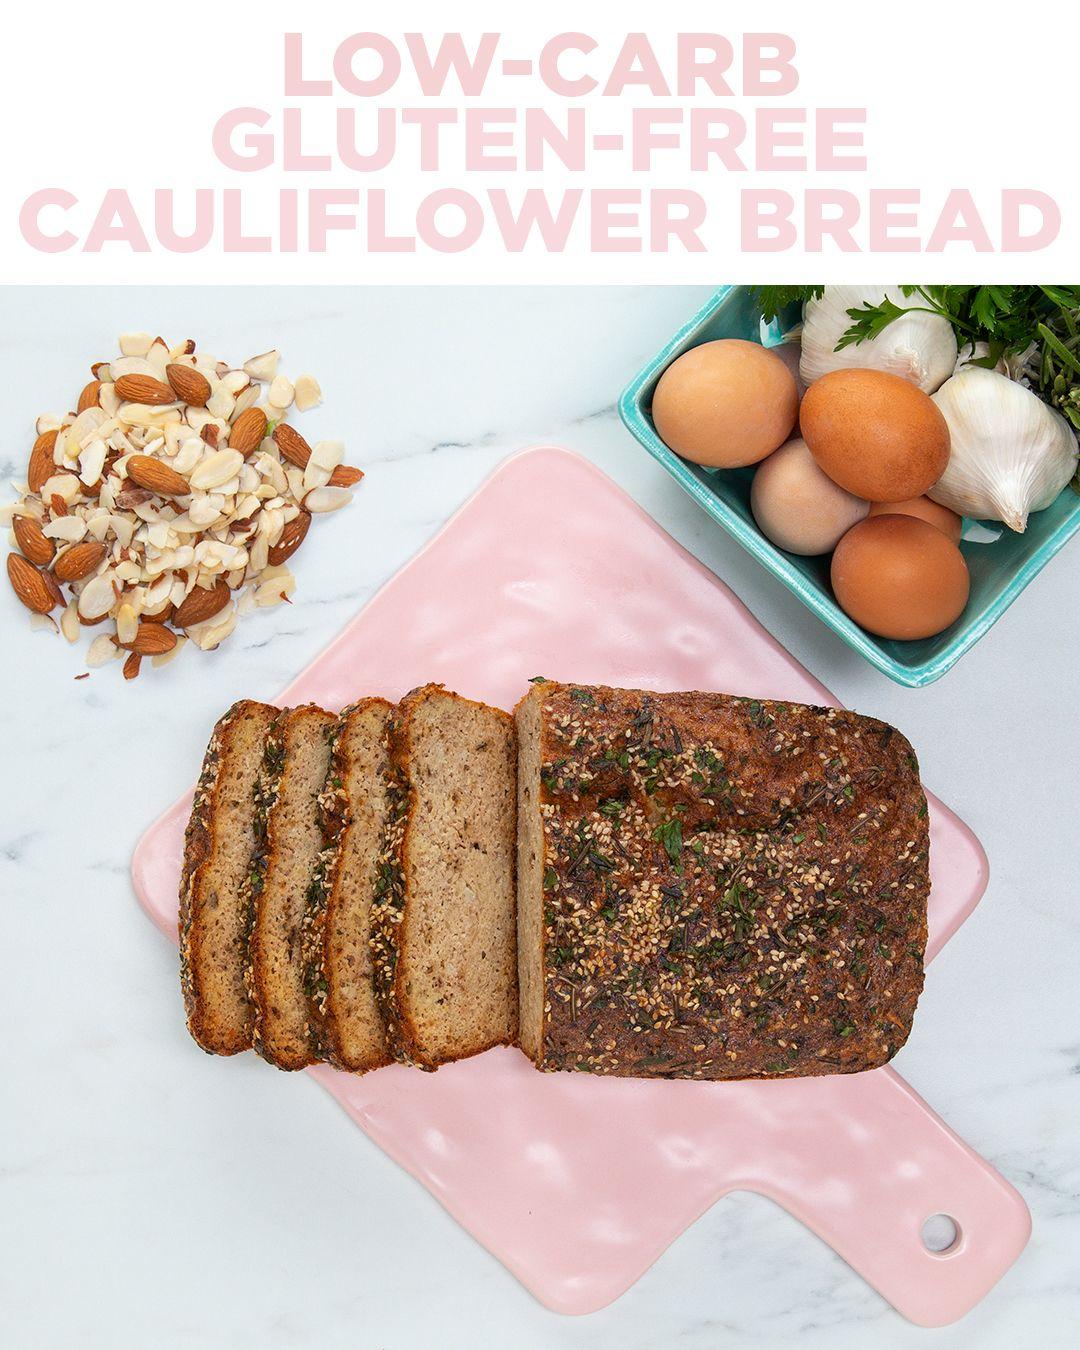 Gluten Free Cauliflower Bread Recipe Cauliflower Bread Gluten